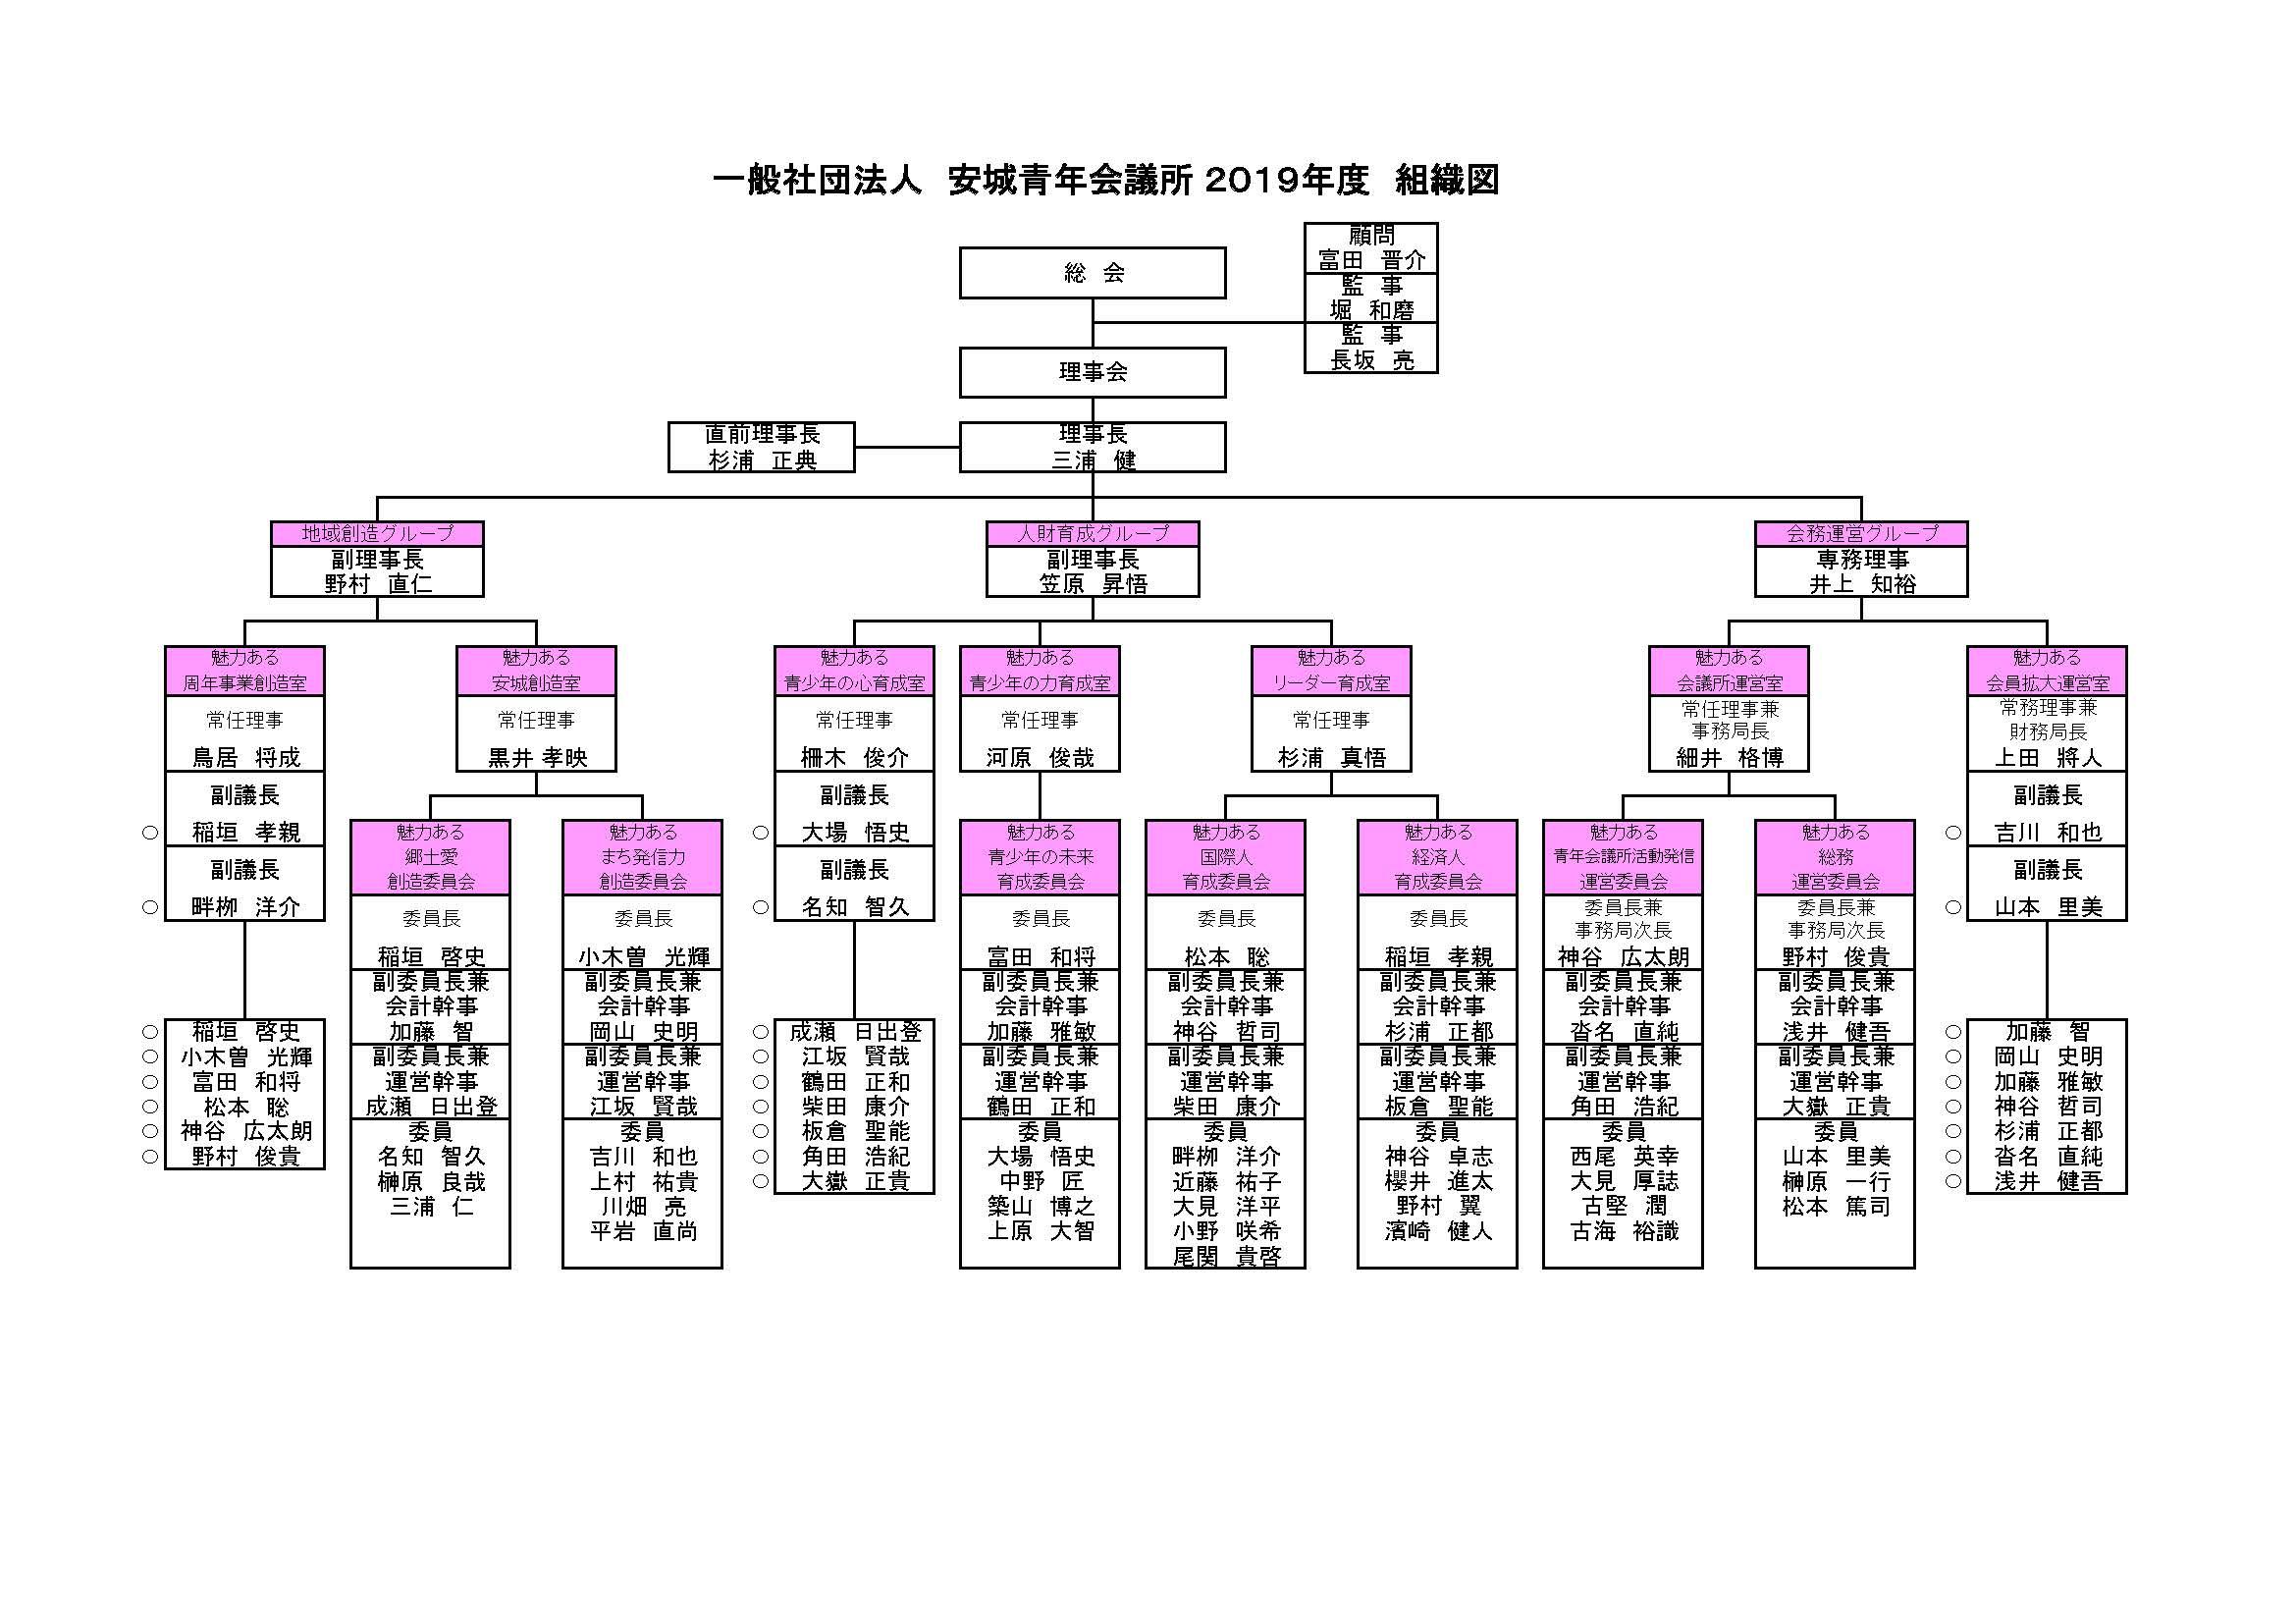 安城青年会議所 組織図